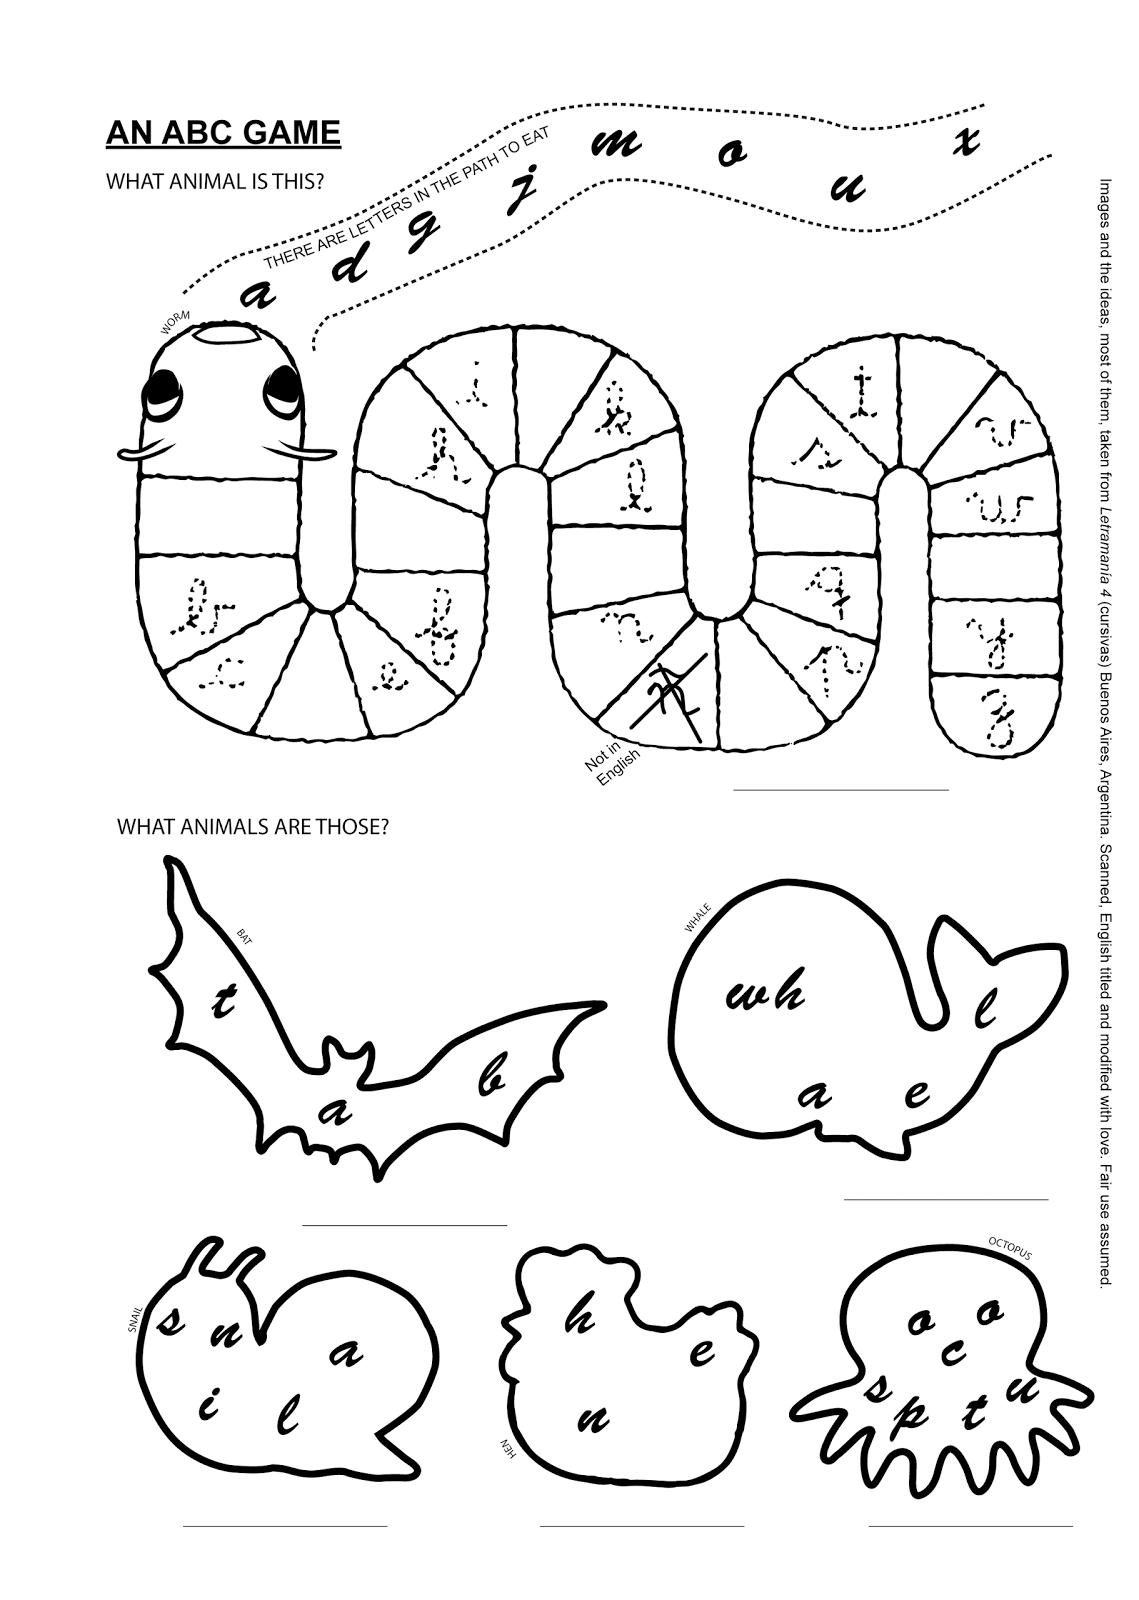 Páginas para colorear originales Original coloring pages: AN ABC ...